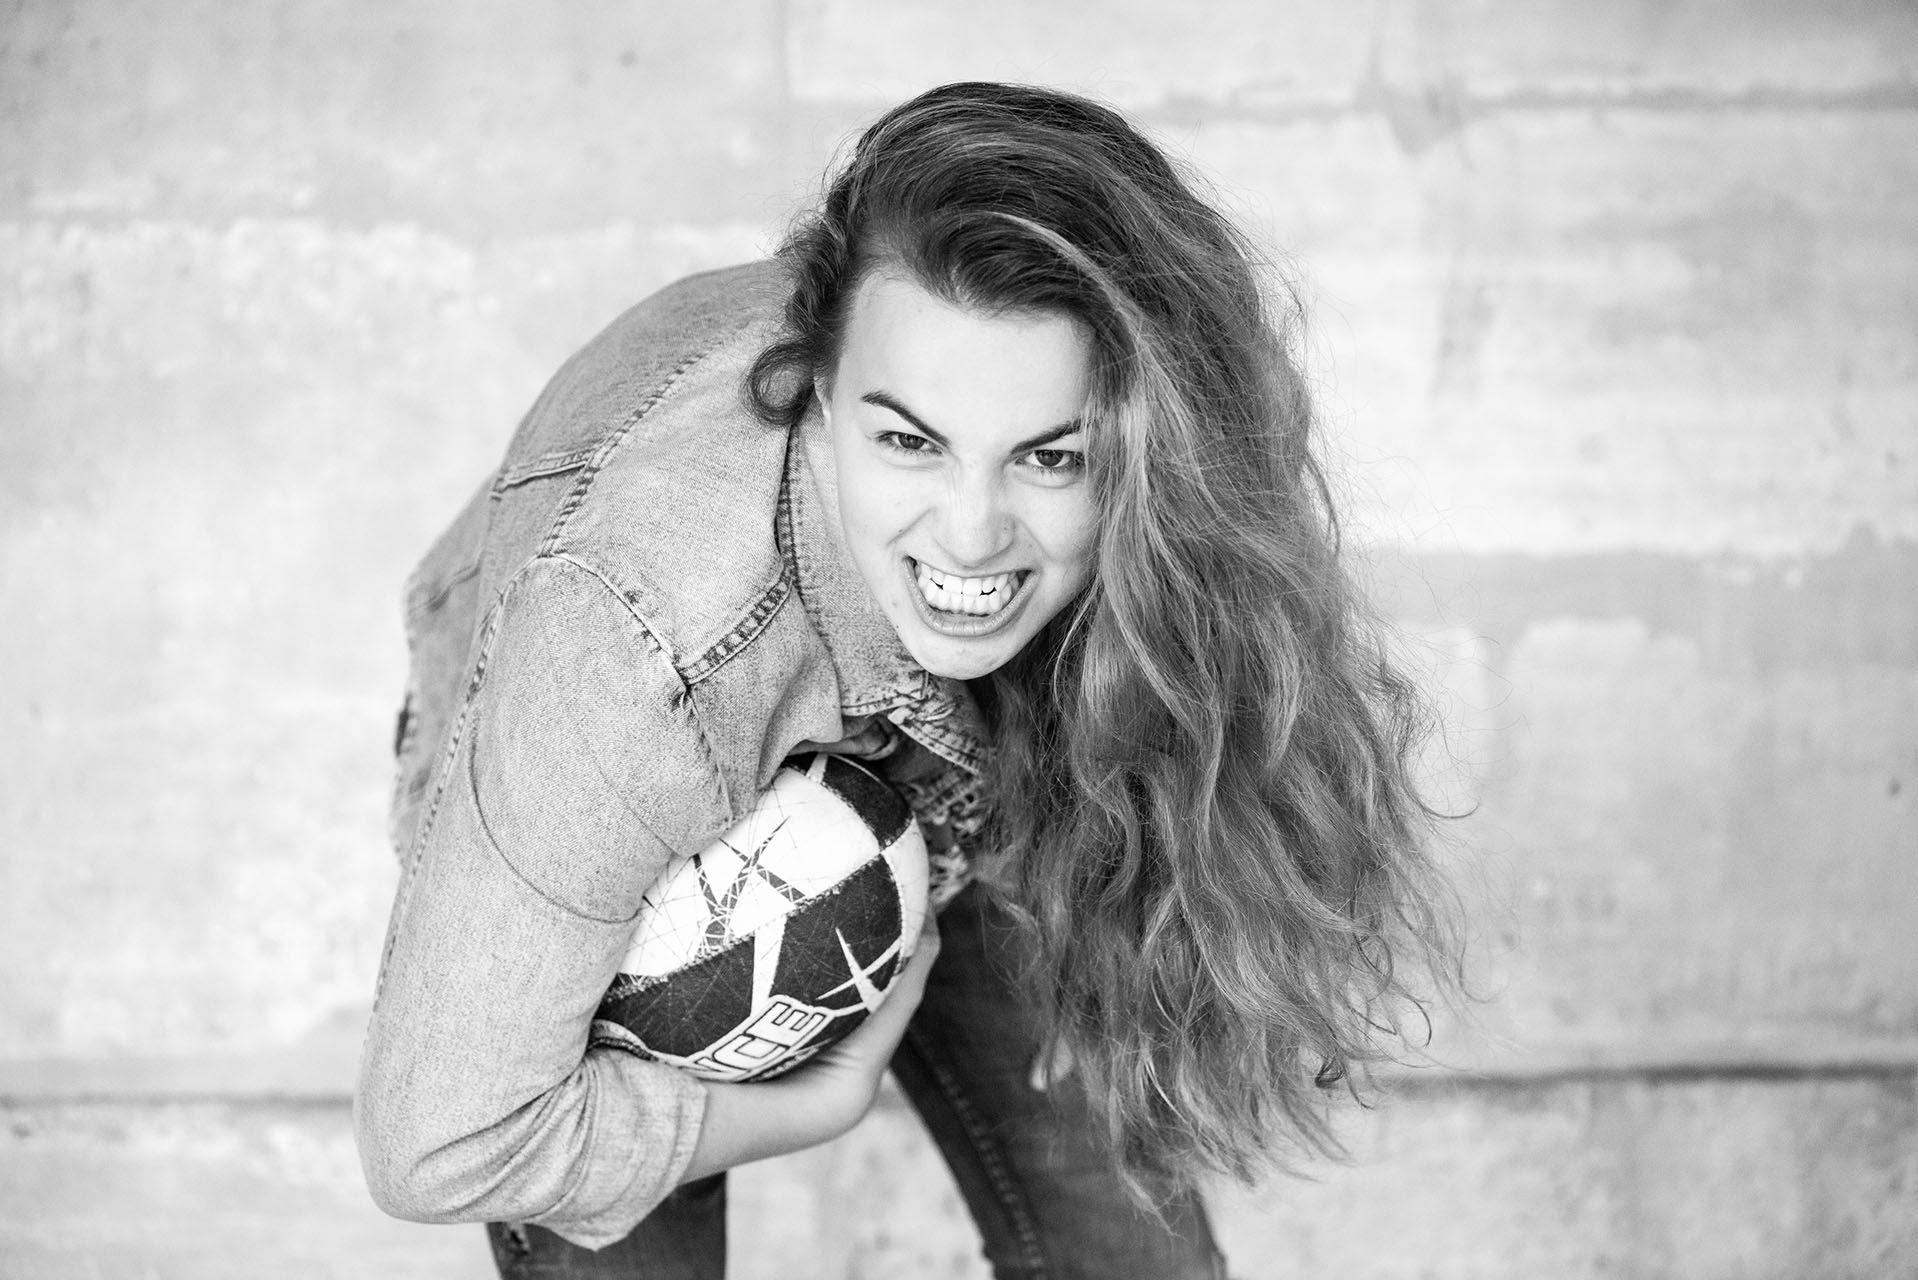 photos-portraits-ile-de-france-photographe-maya-angelsen-essonne-laurine-justine